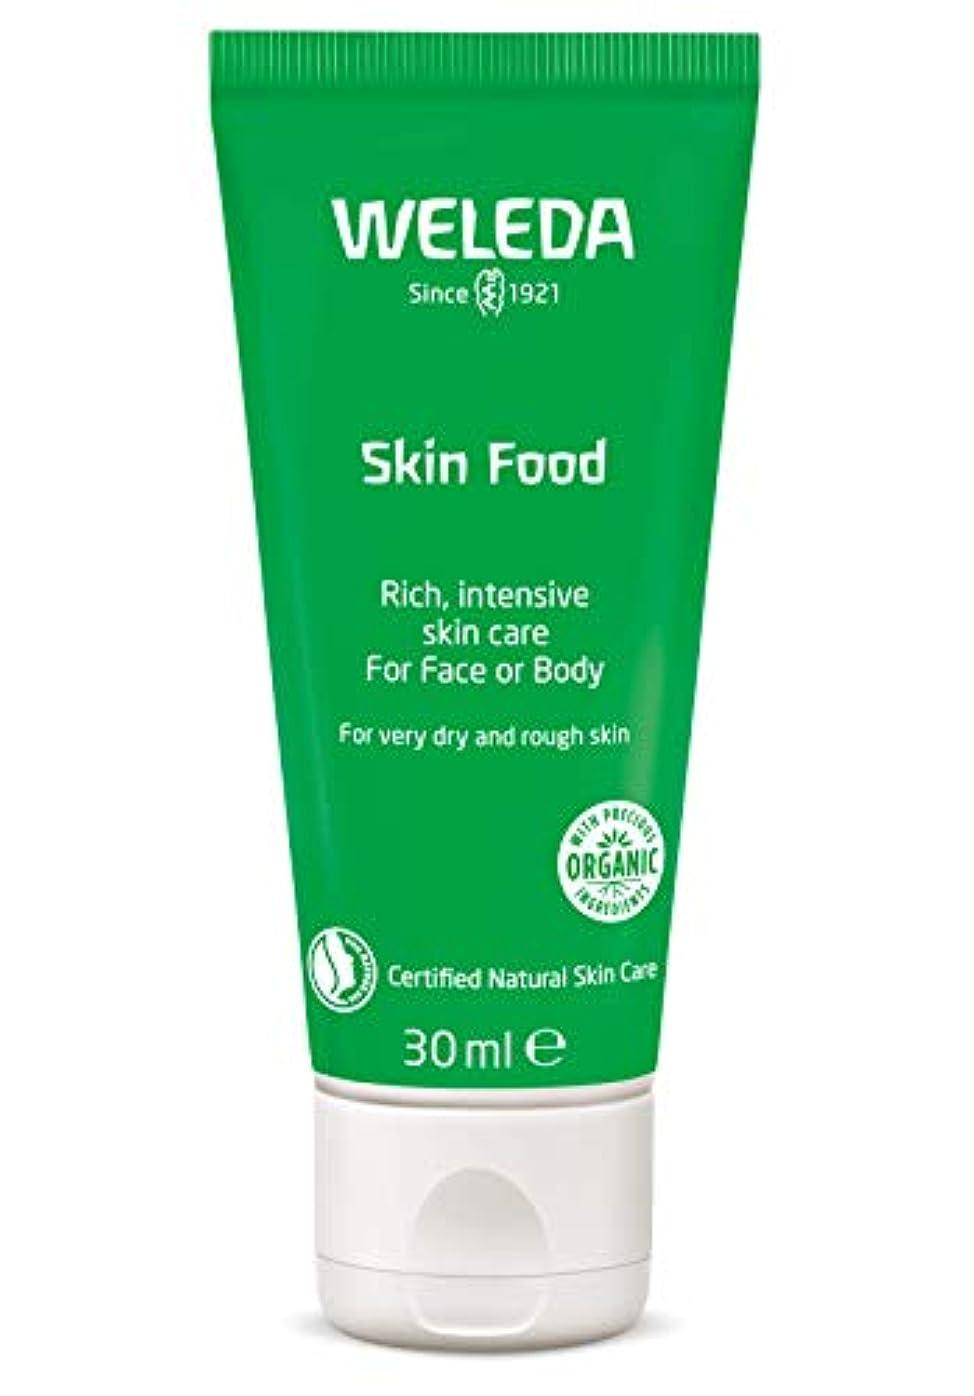 中毒商品ベッドを作るWELEDA(ヴェレダ) スキンフード(全身用クリーム) 30ml 【ひどい乾燥やゴワつきに?手や肘、かかとなどの集中ケアに?肌荒れしやすい季節のお顔のケアに】